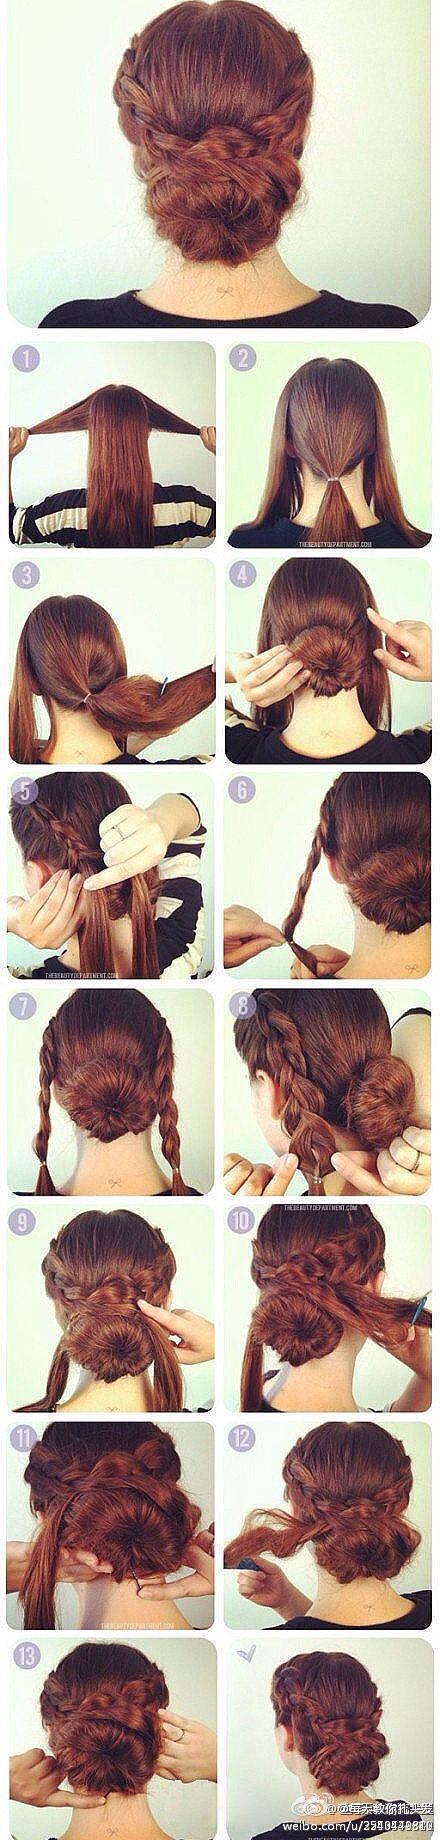 Un #tuto #chignon facile et classe  Trouvez le coiffant idéal sur www.NosCheveux.com